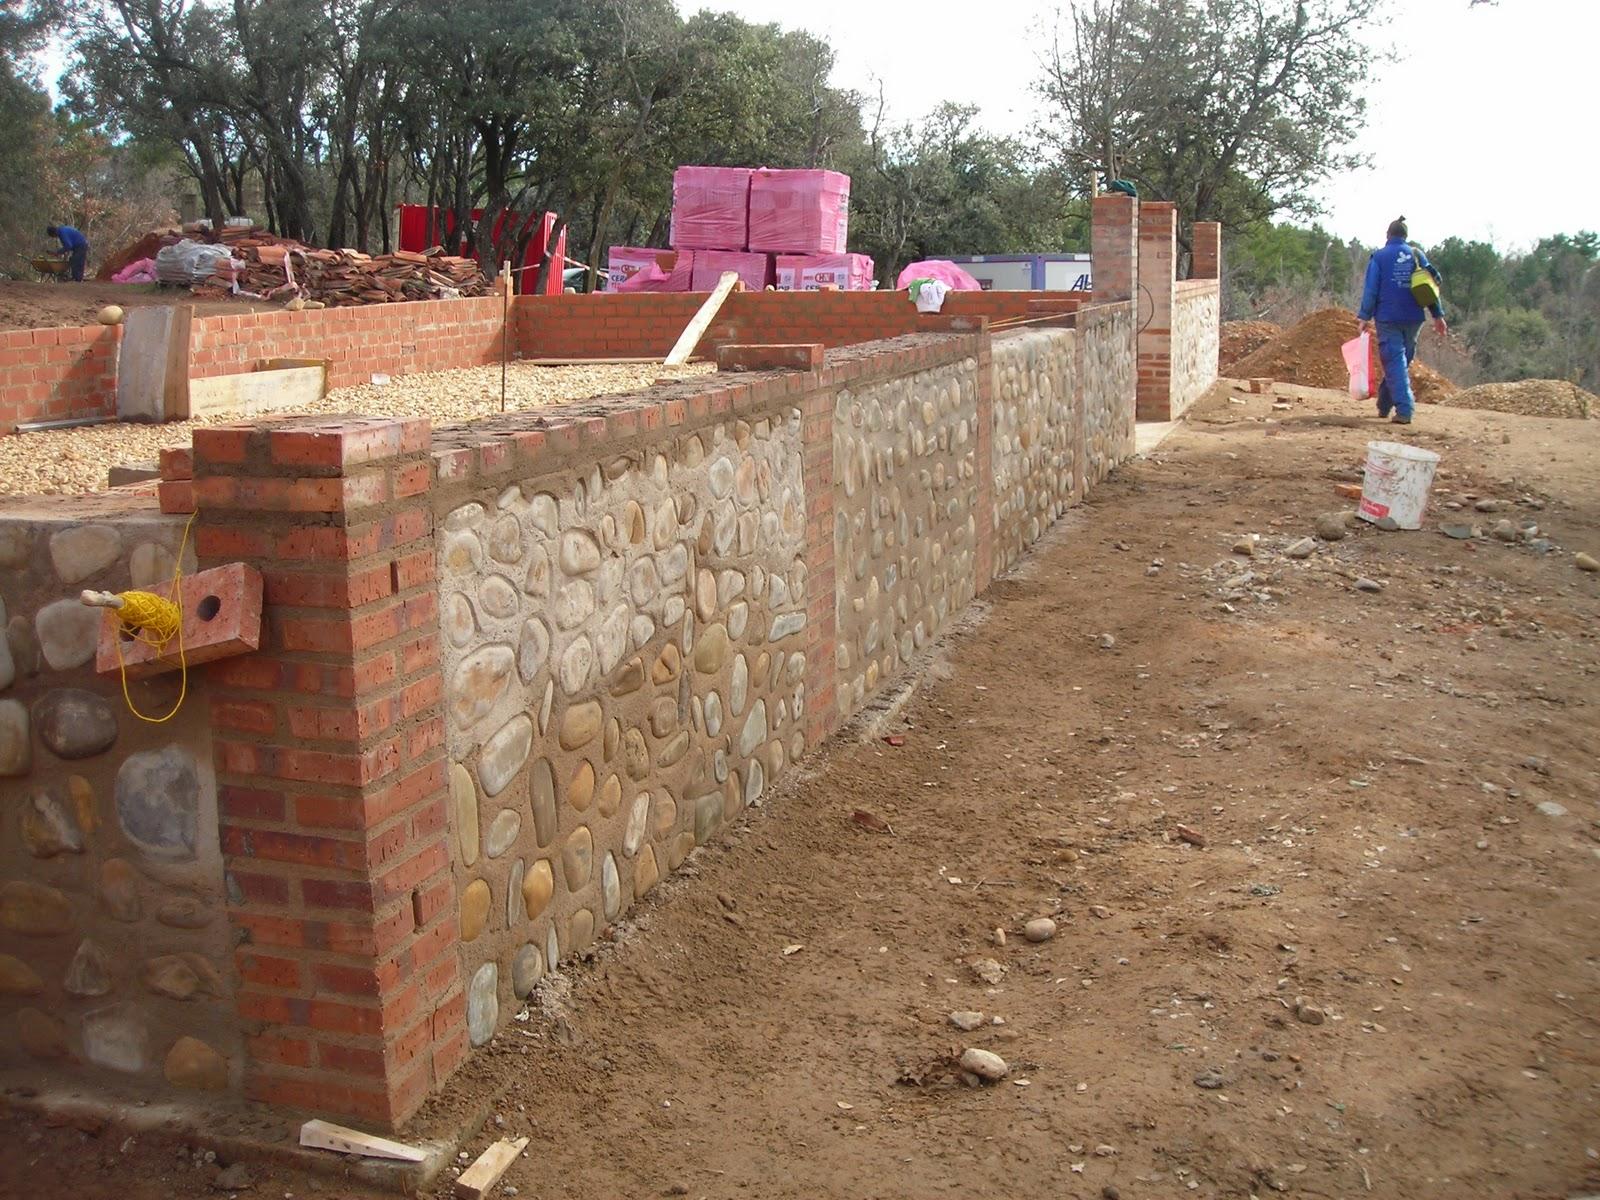 El cueto del moro coronaci n del muro de piedra - Muros de ladrillo visto ...